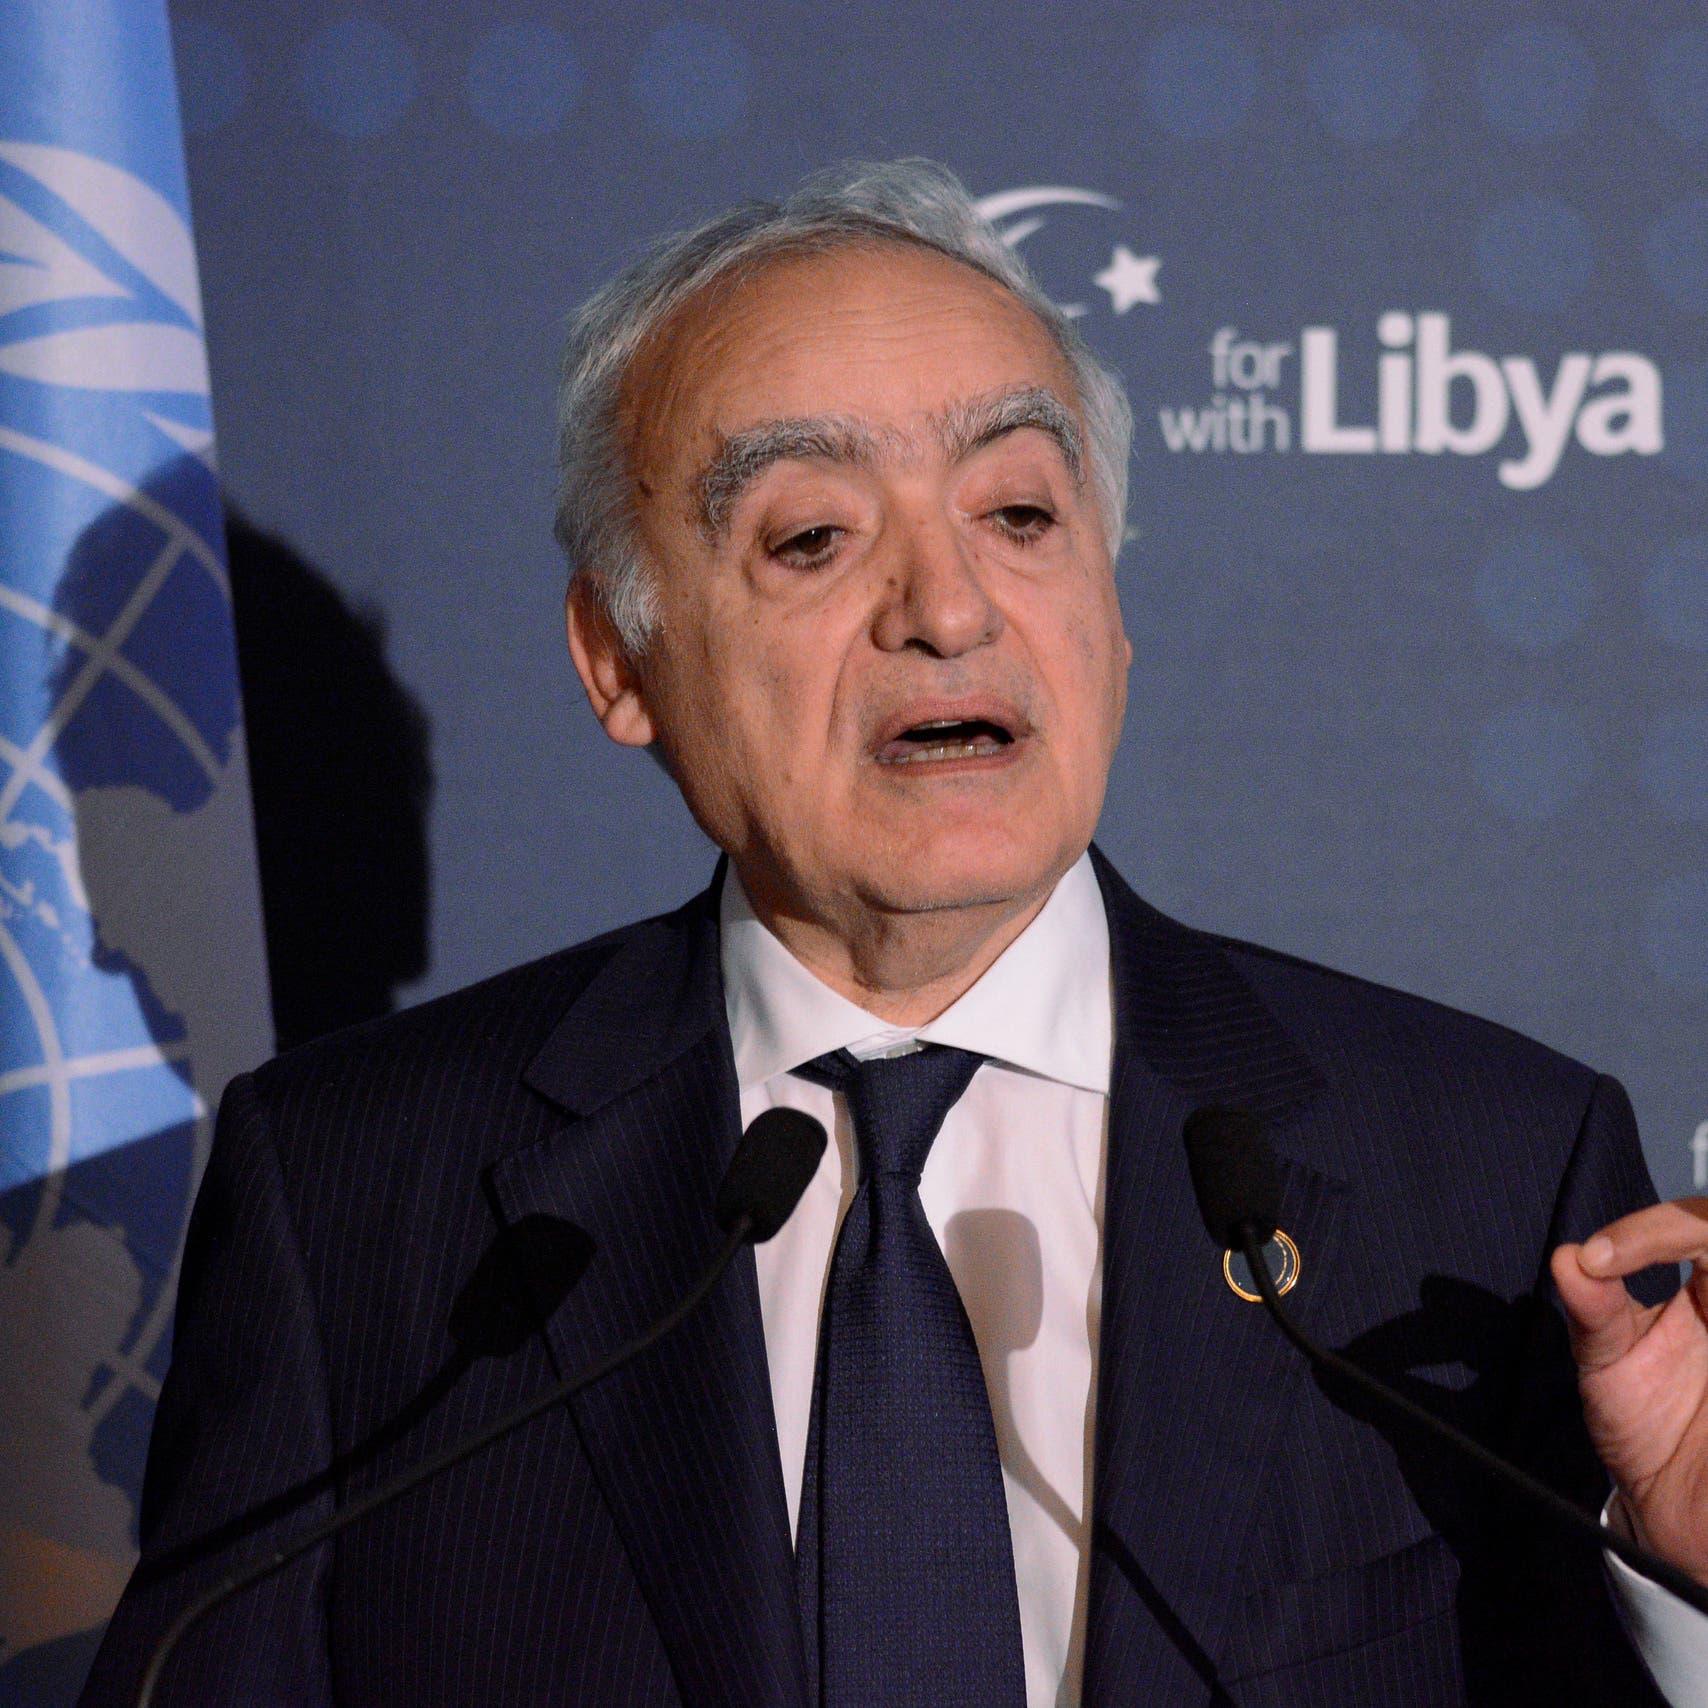 ليبيا.. سجال بين سلامة والسياسيين بسبب الفساد